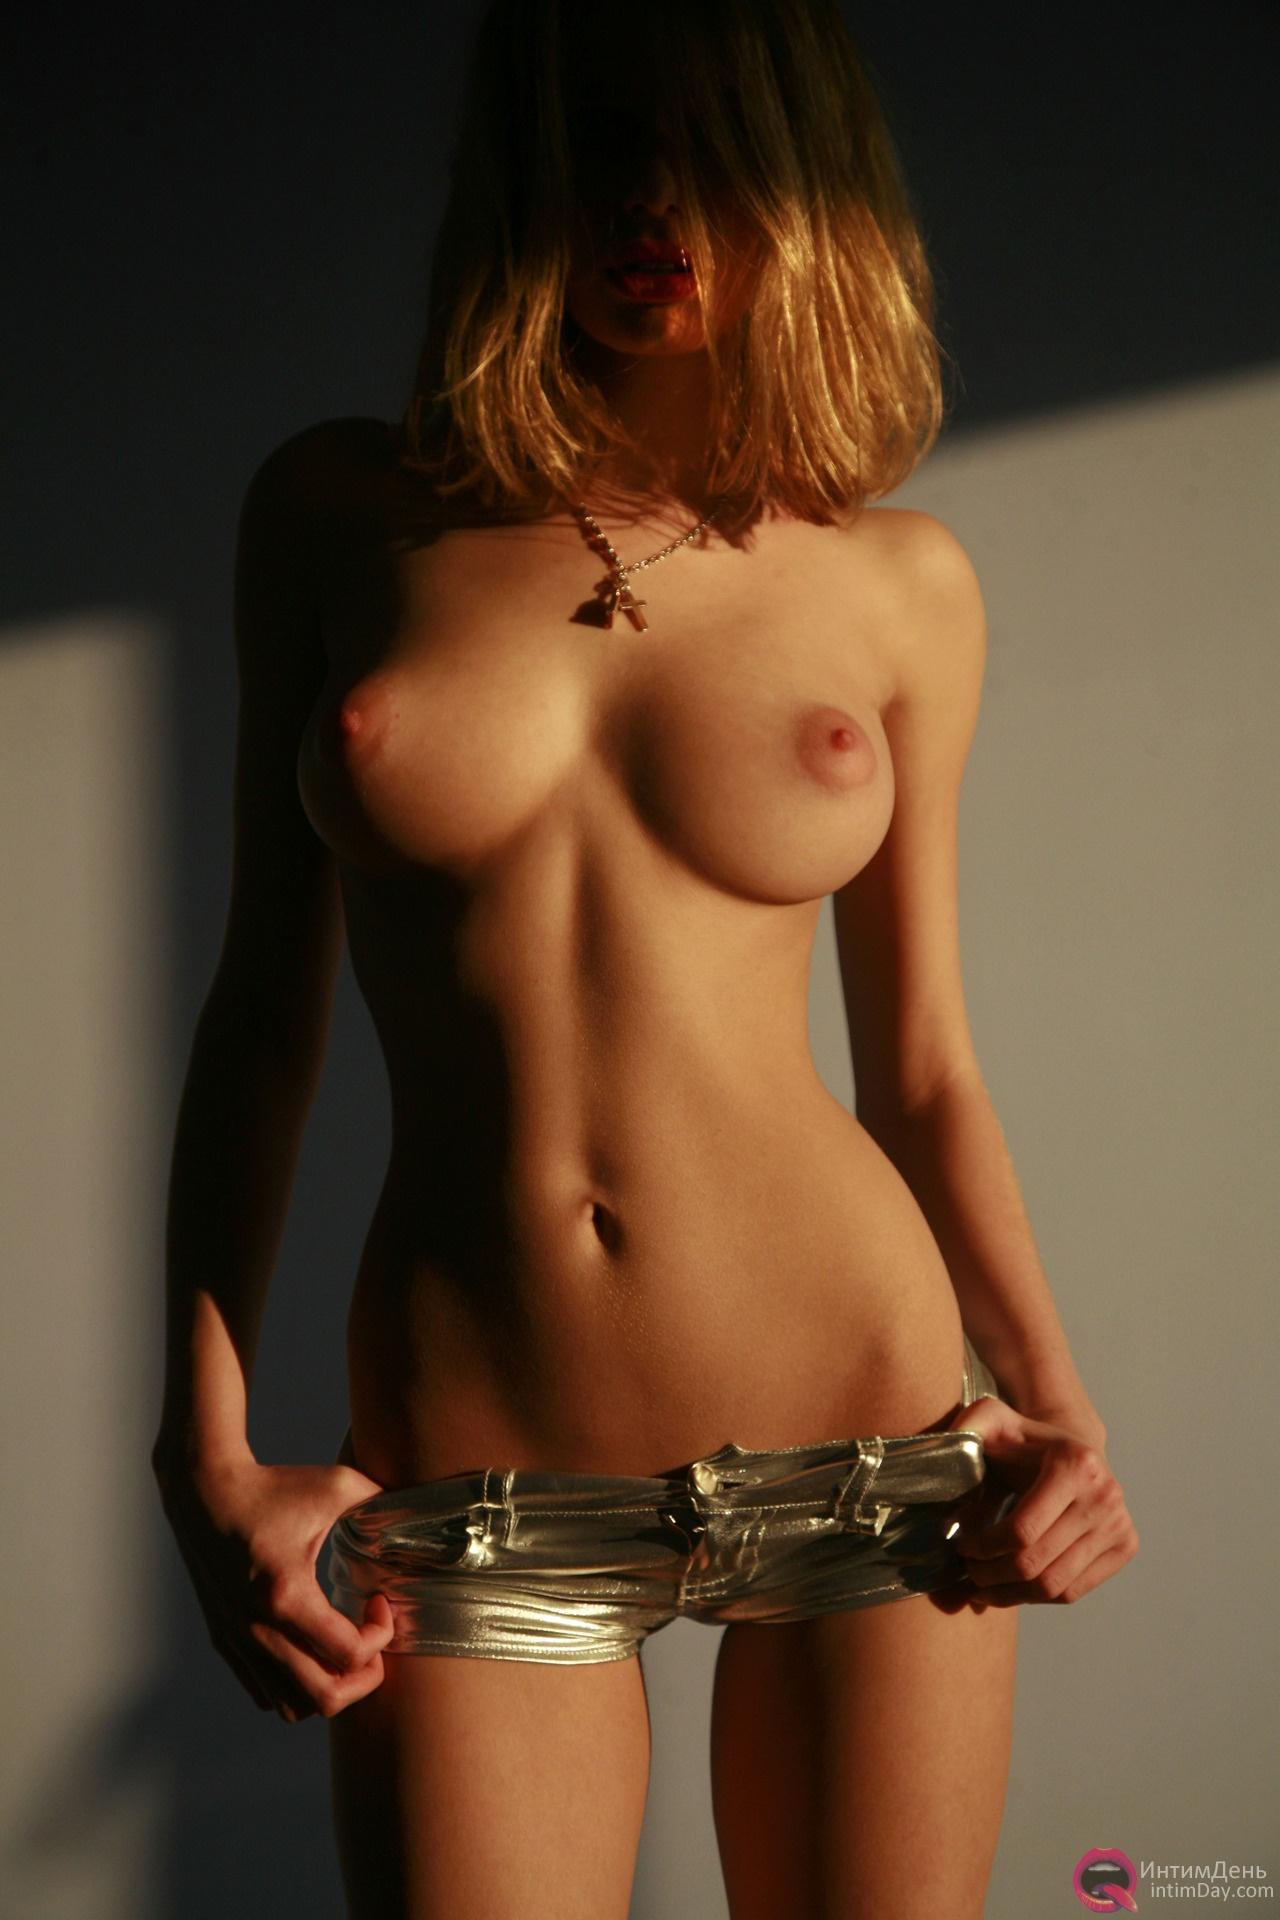 Проститутки индивидуалки нефтеюганск 18 фотография